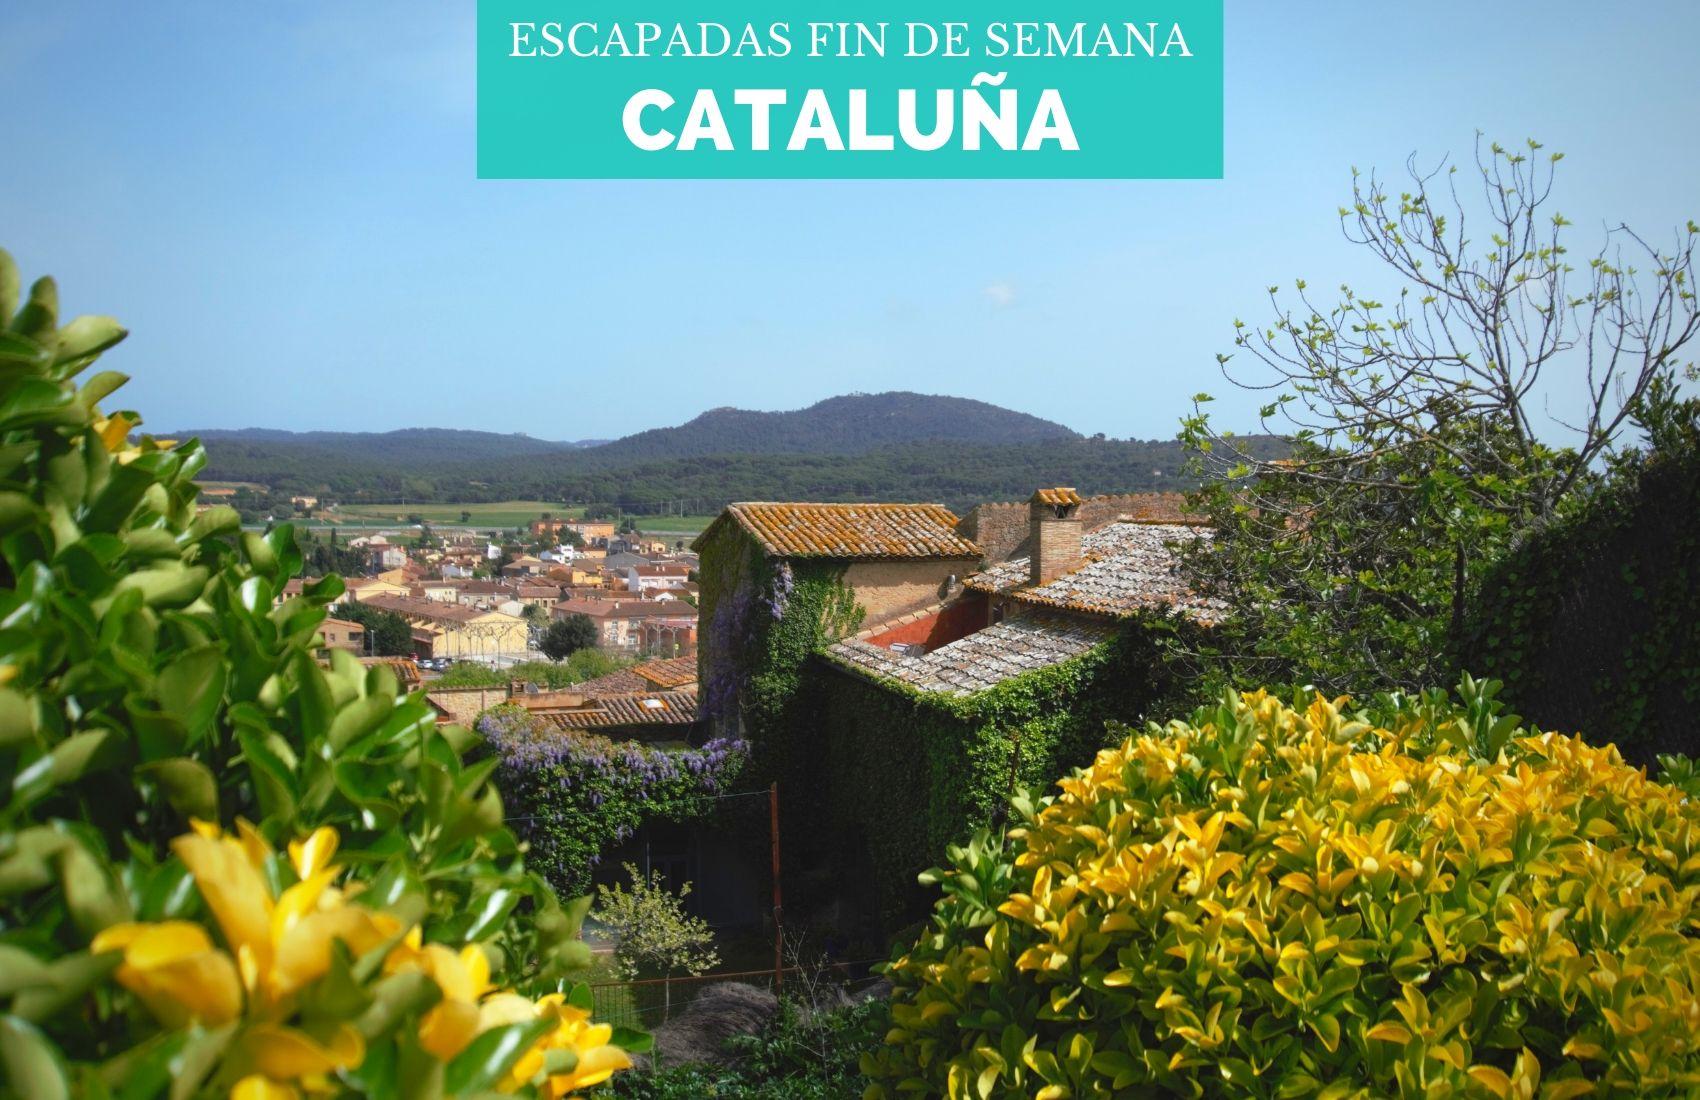 Portada-Escapadas-fin-de-semana-catalunya